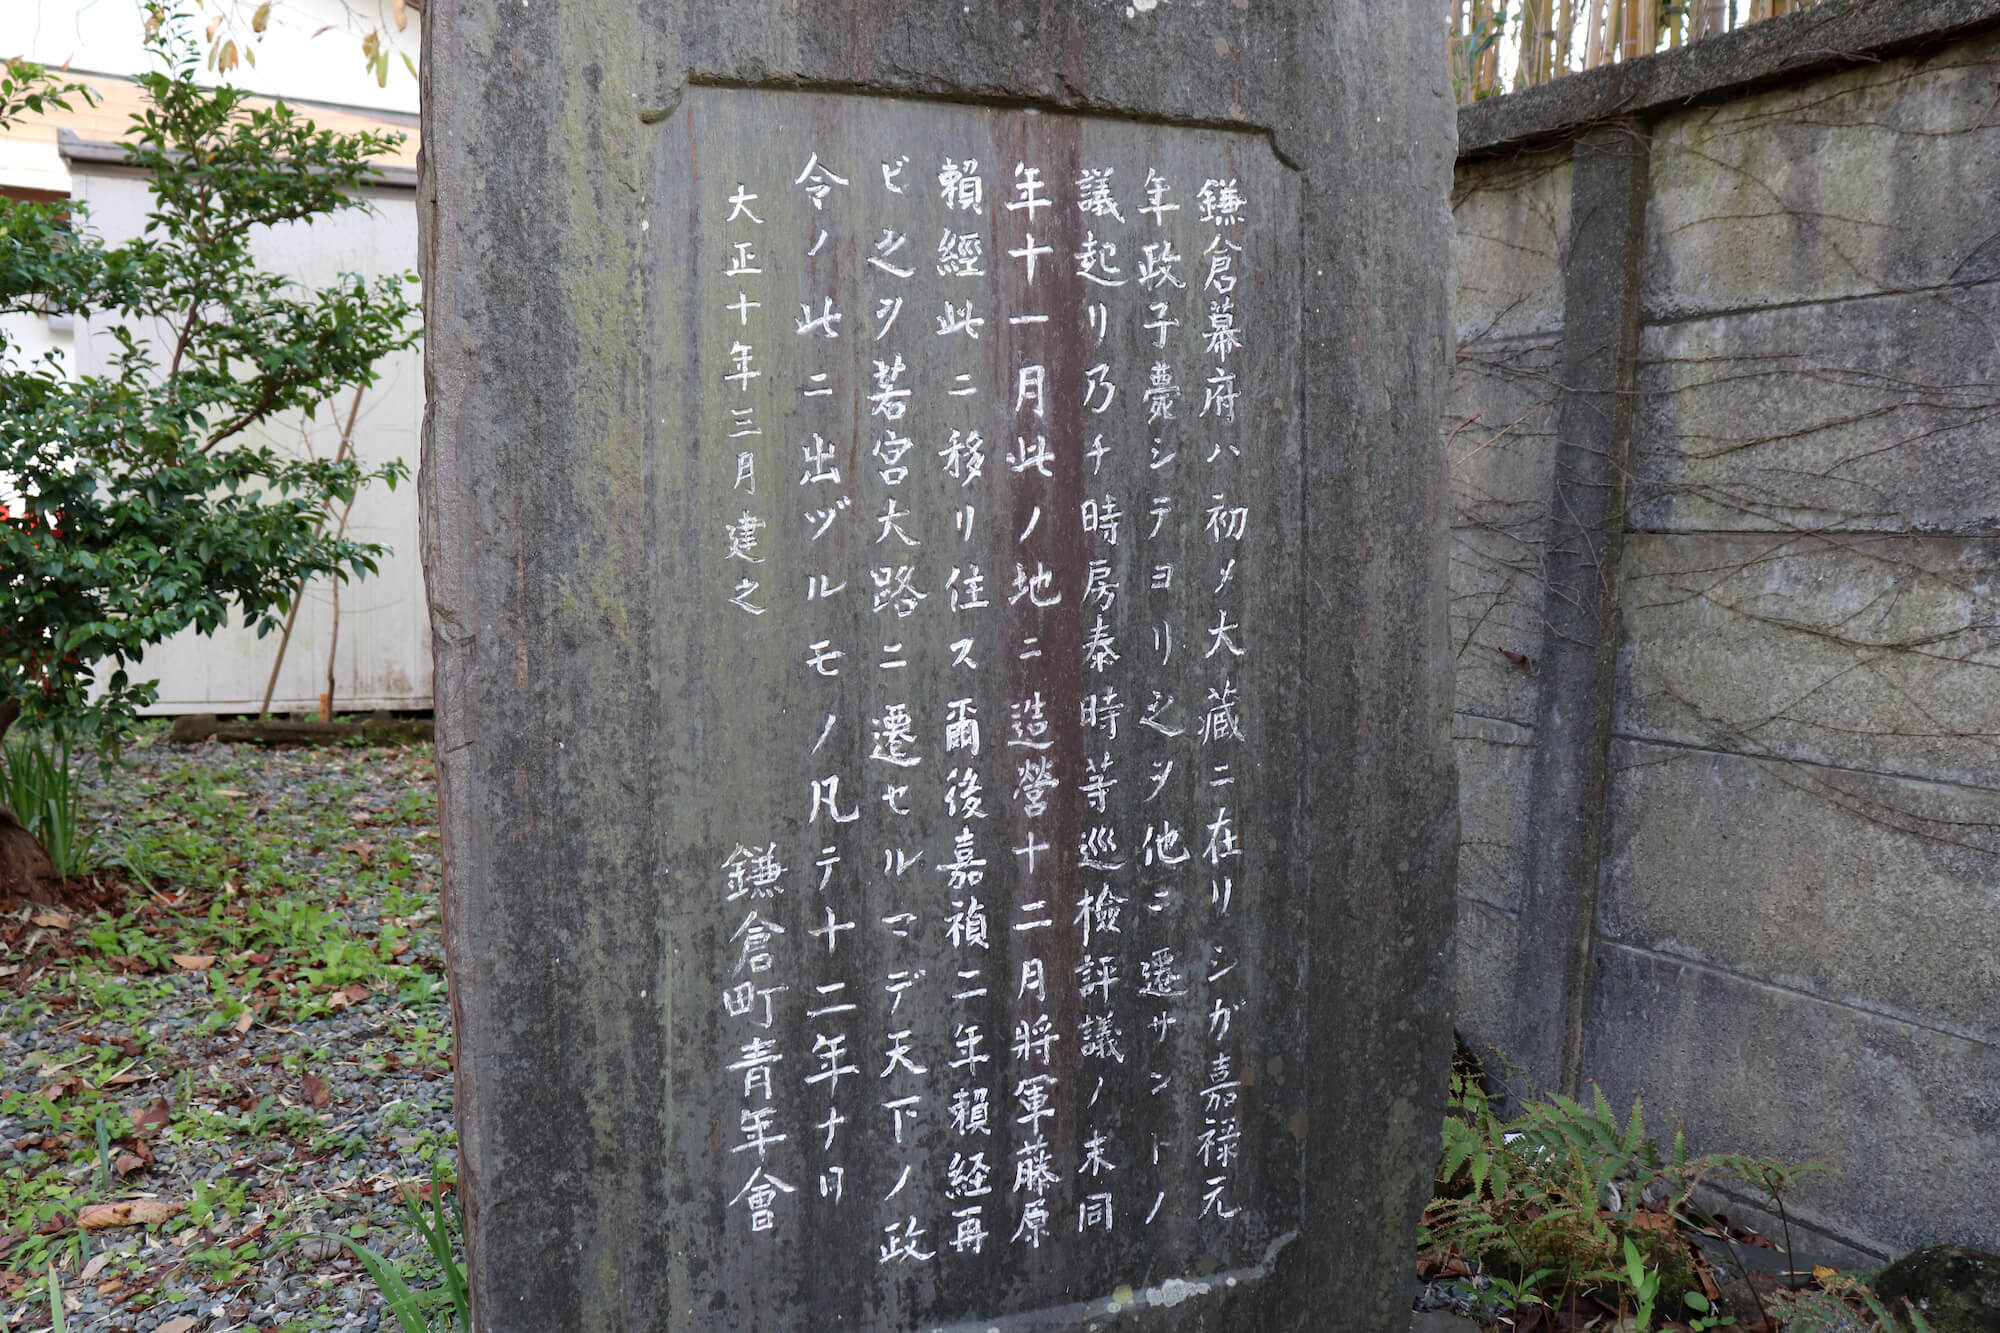 宇津宮辻子幕府跡の石碑の文字